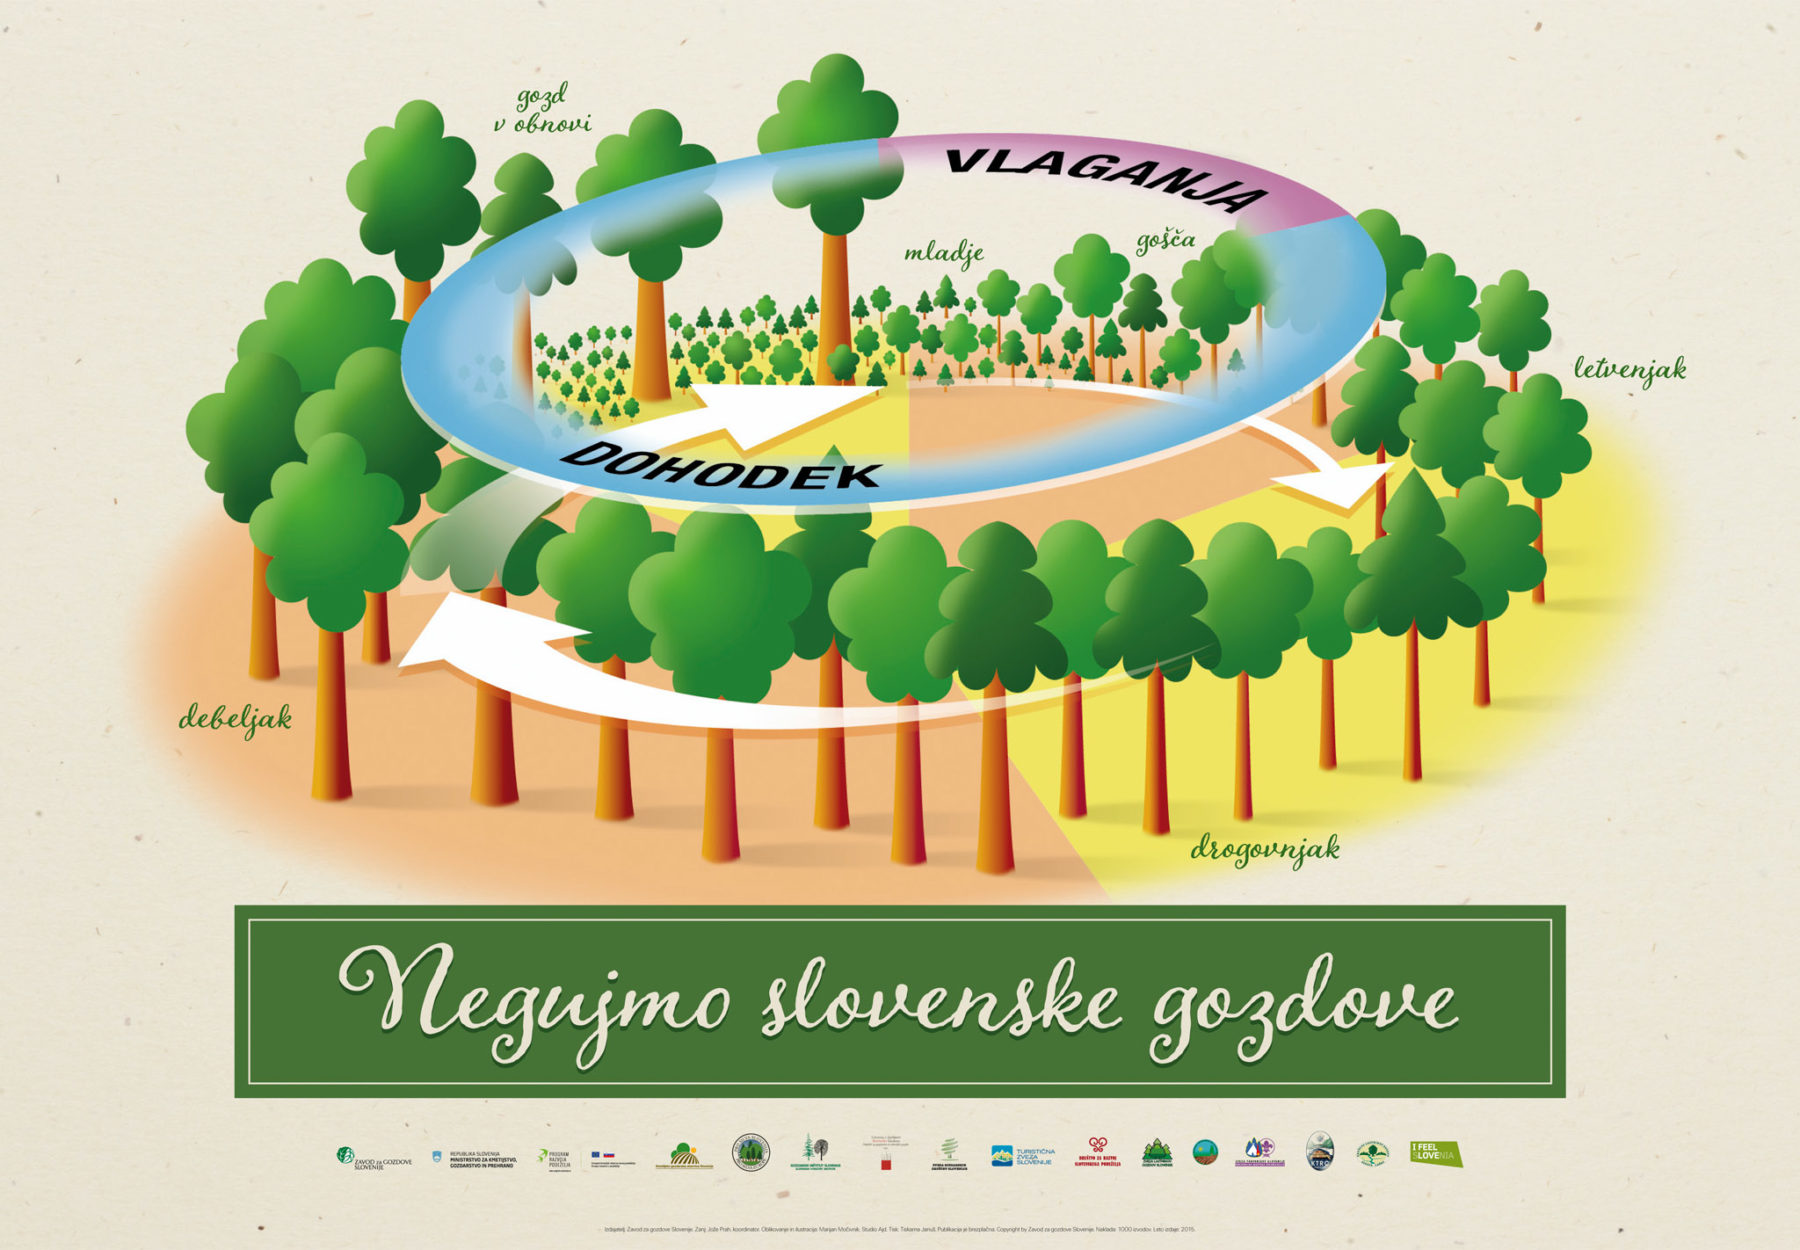 Ilustracija in oblikovanje plakata Varujmo slovenske gozdove · Naročnik: Zavod za gostove Slovenije · Ilustracija in oblikovanje plakata: Marijan Močivnik · 2015